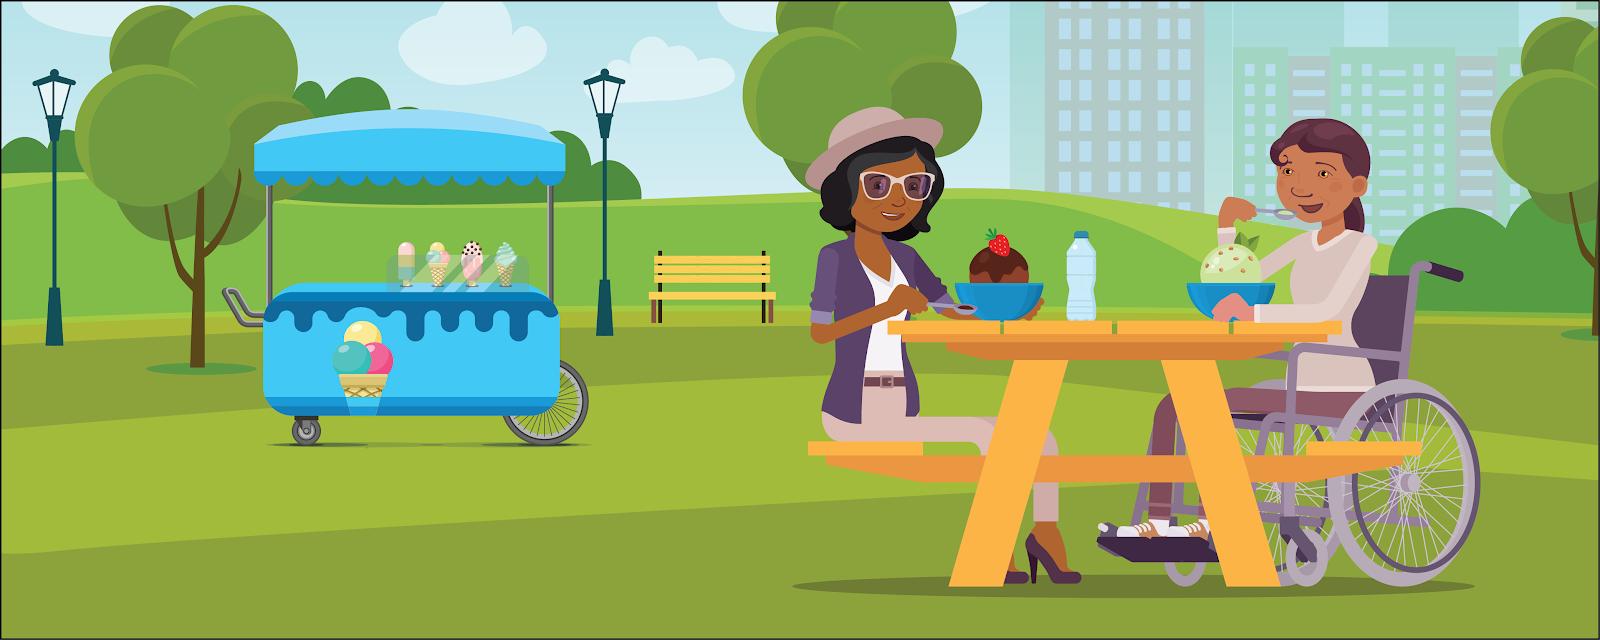 ピクニックテーブルに向かい合って座り、サンデーを食べている Tasha と Maddie